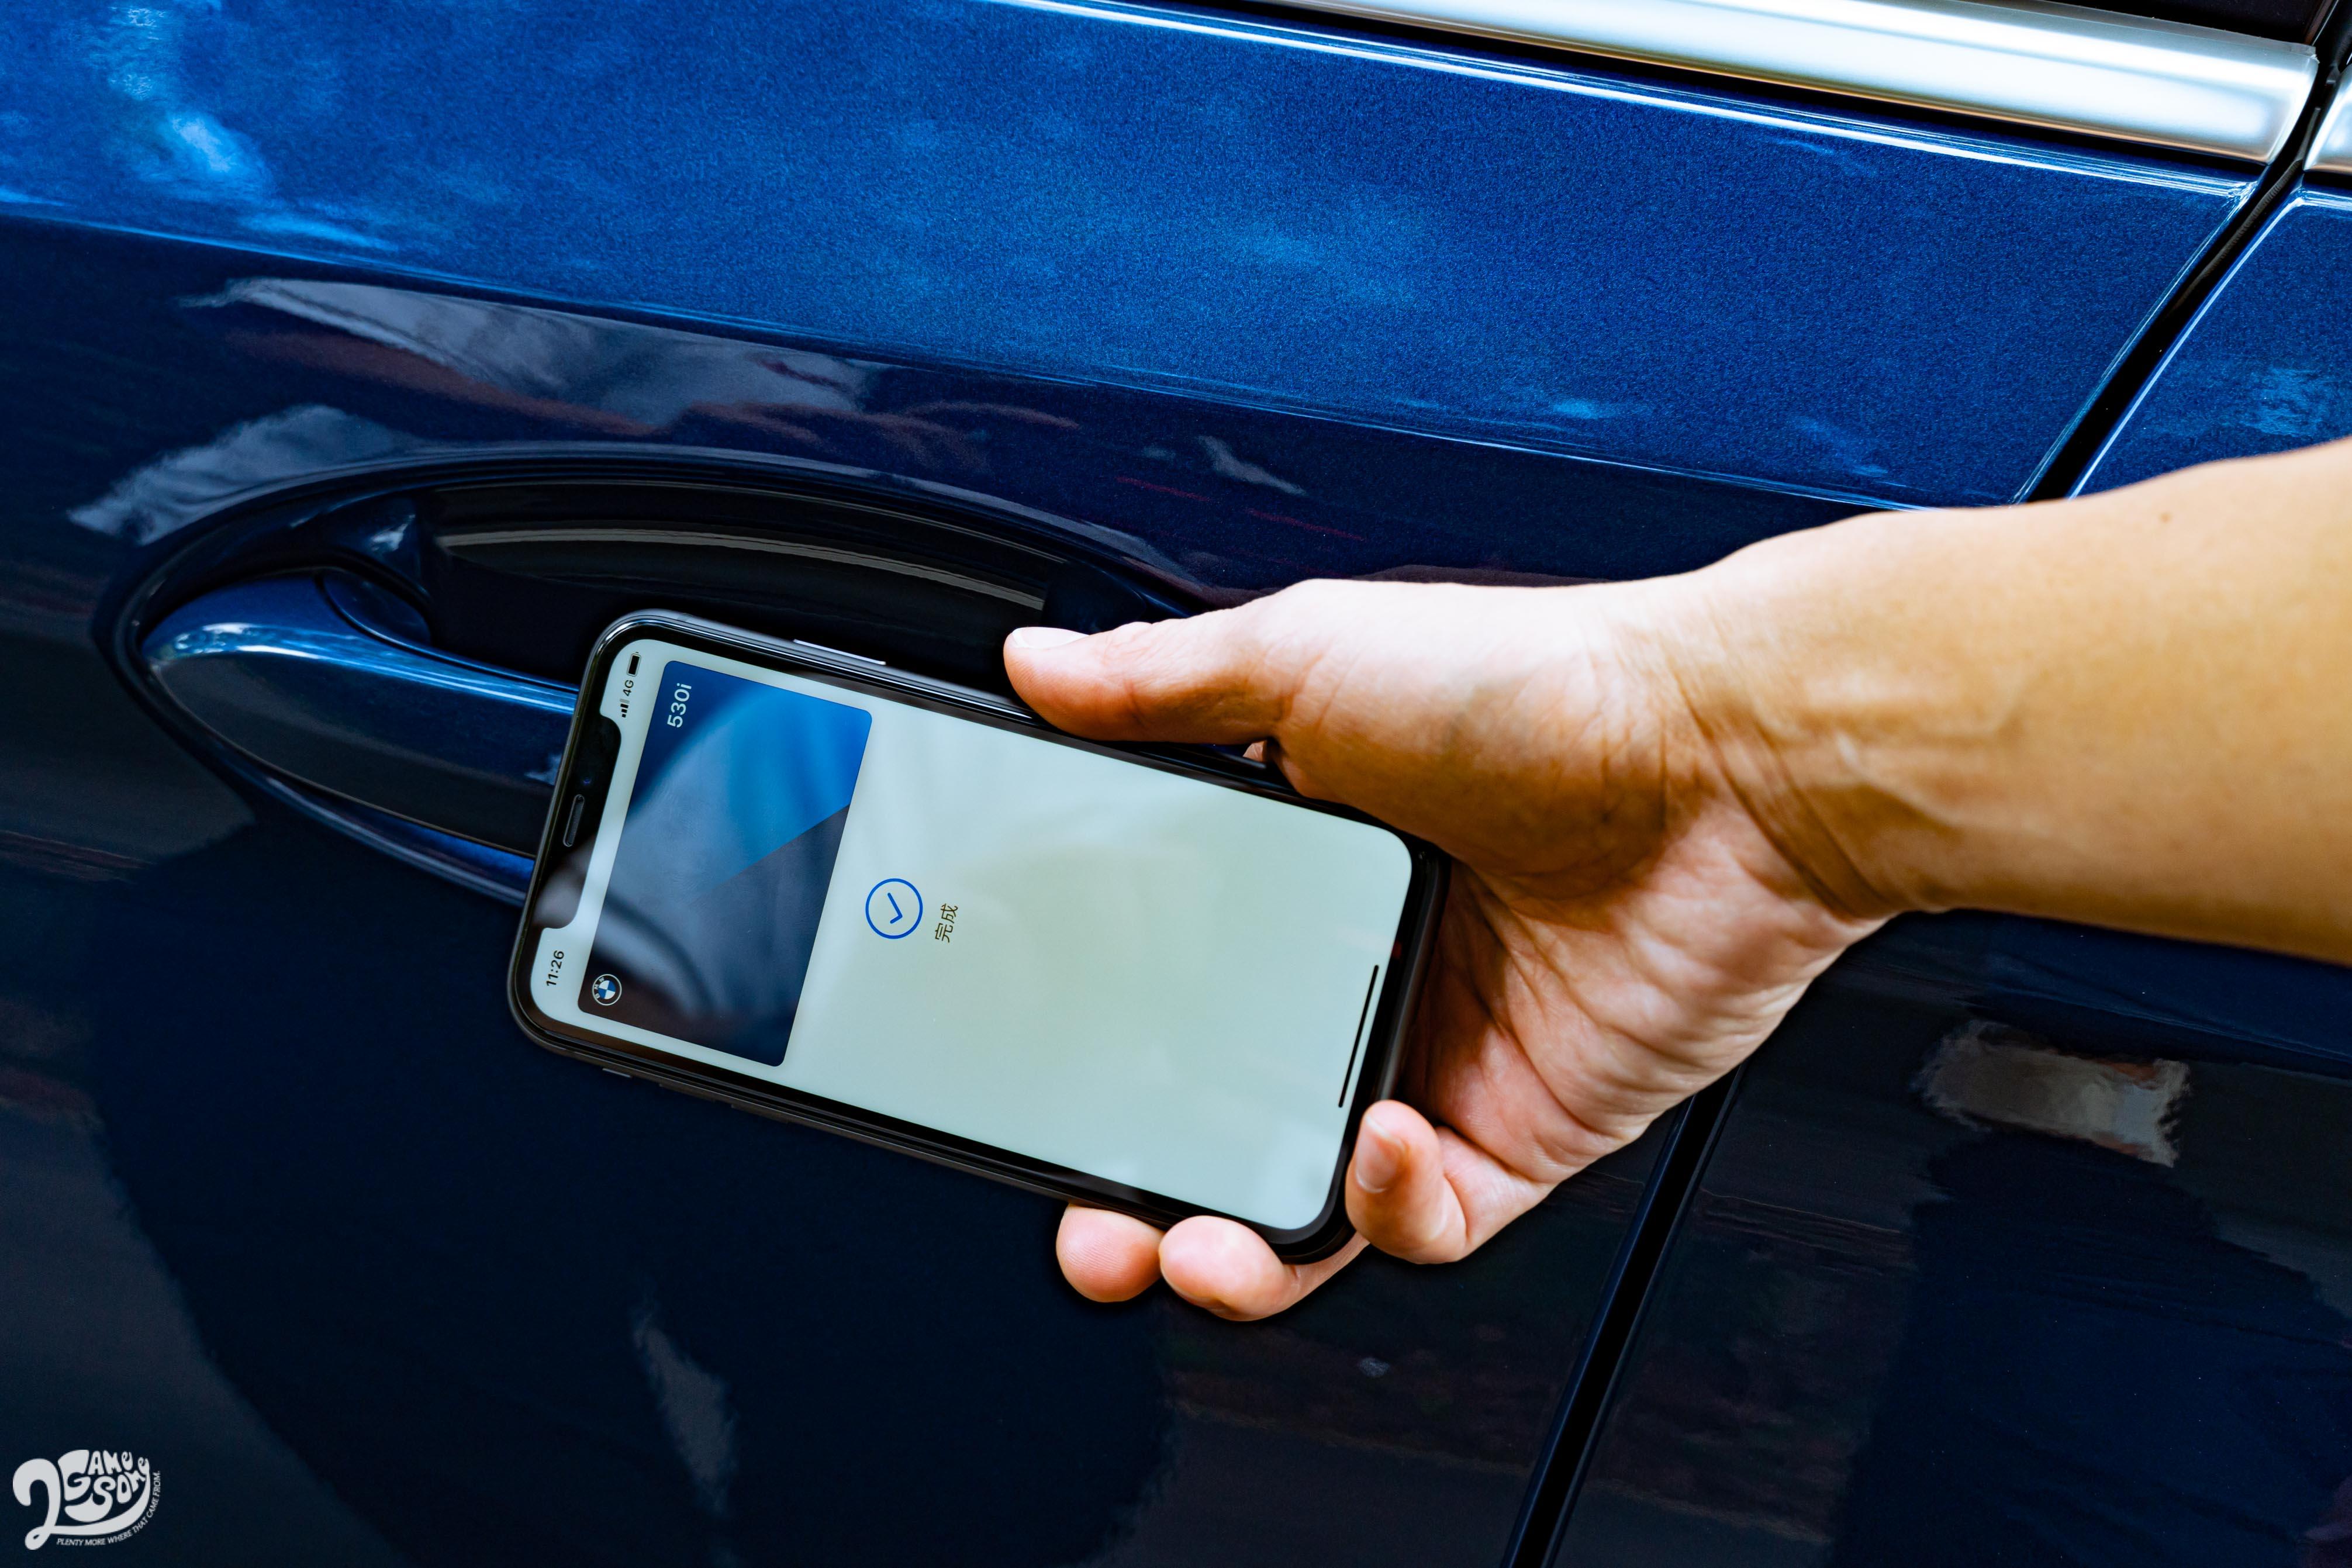 小改款 5系列還導入 iPhone 數位鑰匙功能,可讓手機完全取代傳統車鑰匙,還能分享給最多五位使用 iPhone 的親友。